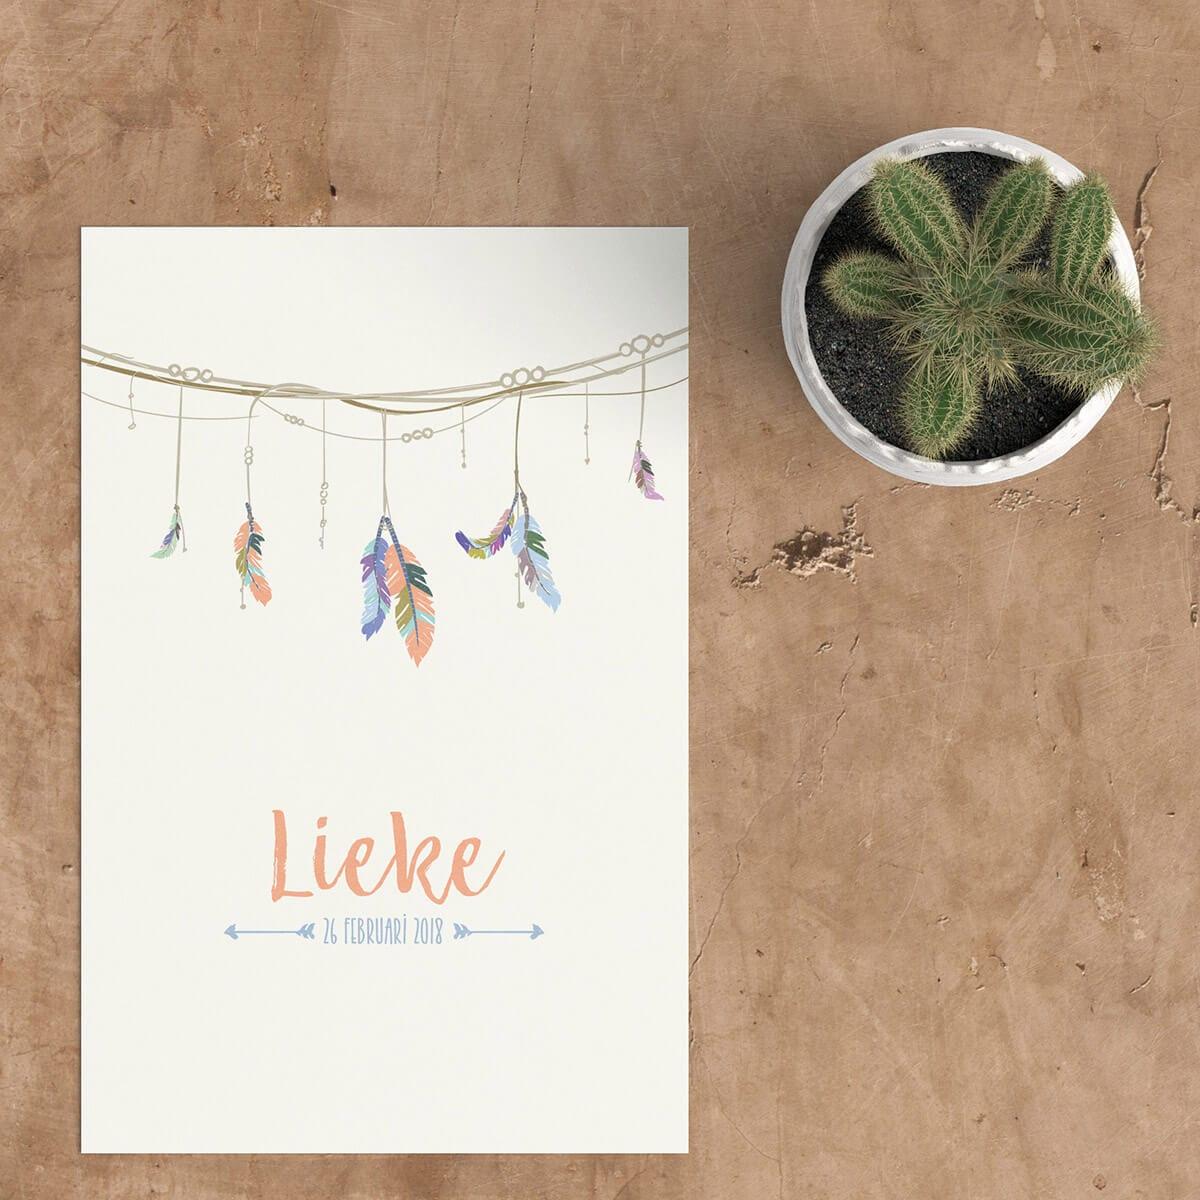 Stijlvol ontwerp, geboortekaartje Slinger met Veren gebruikt illustraties van kleurvolle veertjes en plaatst deze hangend aan een sierlijke slinger.